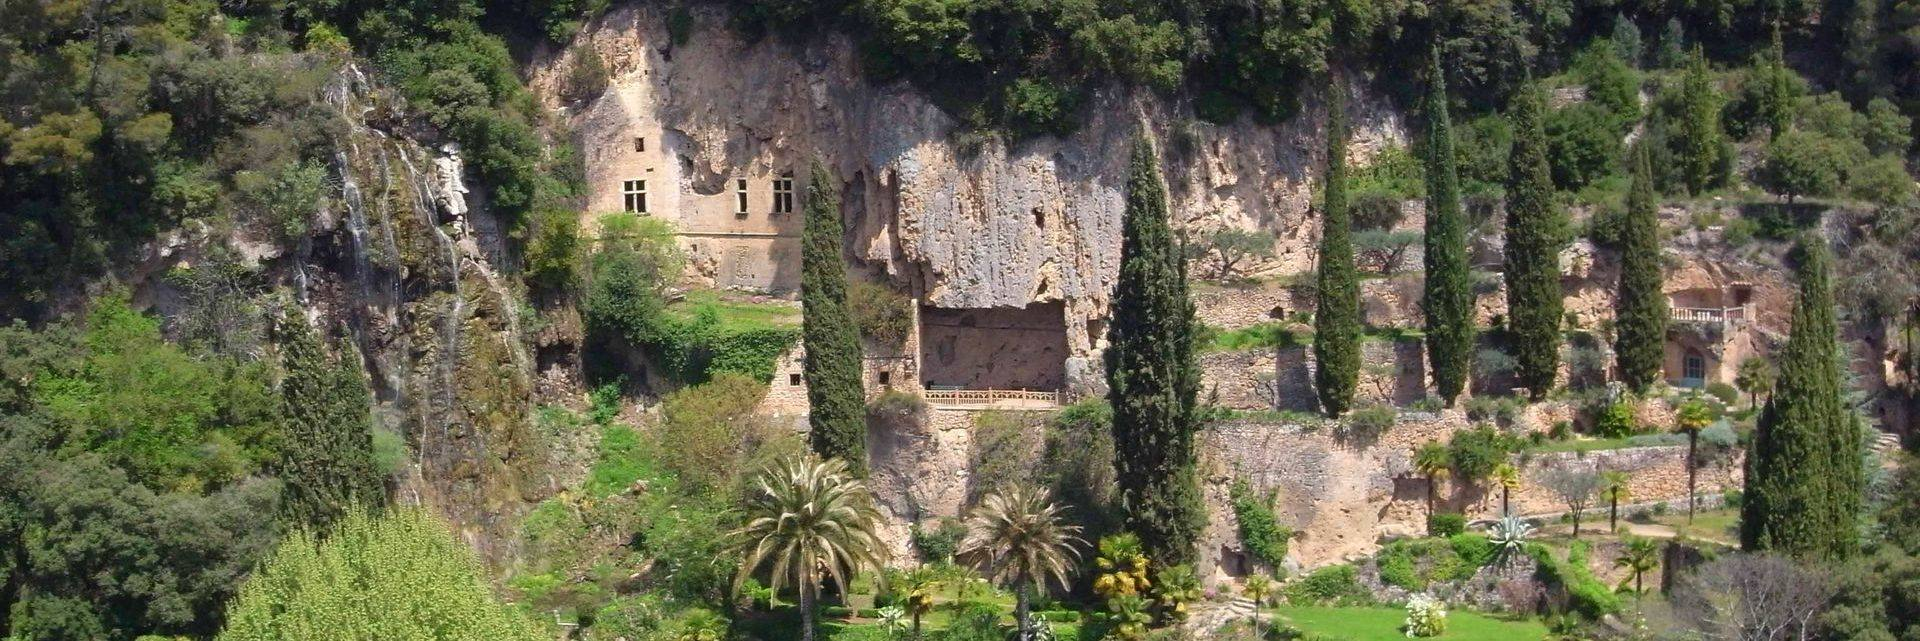 Grottes et parc de Villecroze